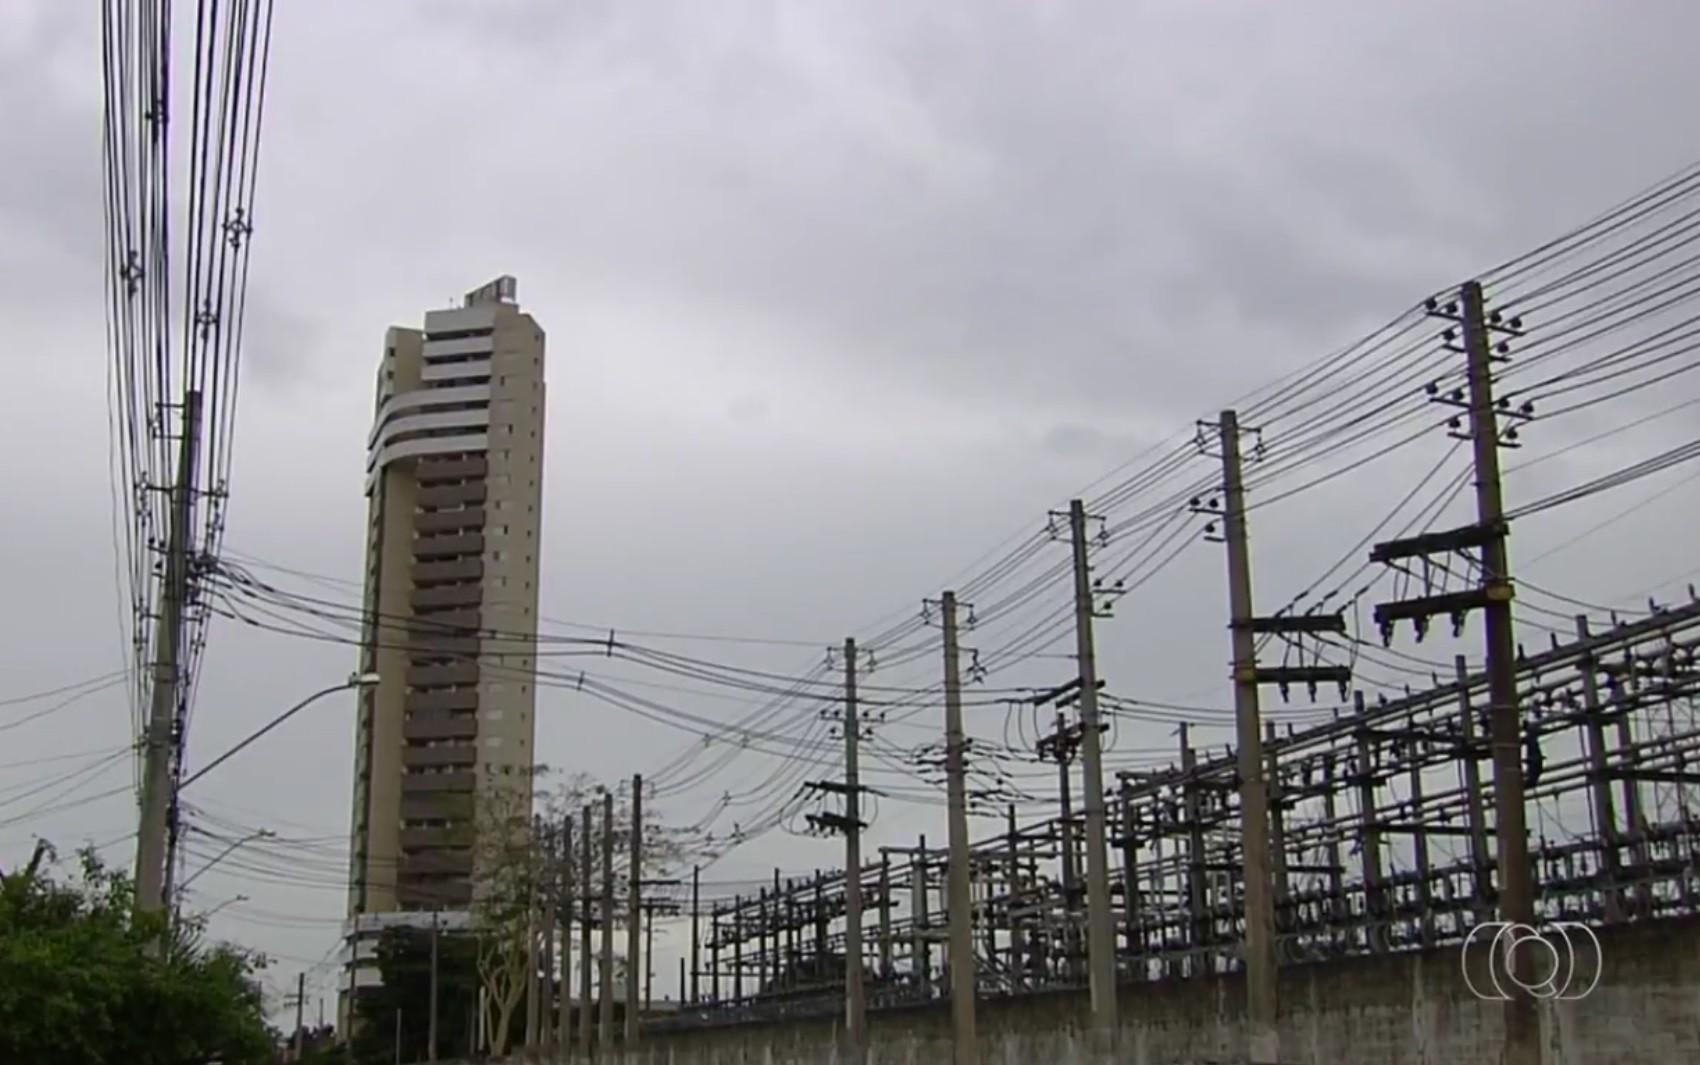 Enel realiza feirão para negociar dívidas vencidas há mais de seis meses com até 40% de desconto